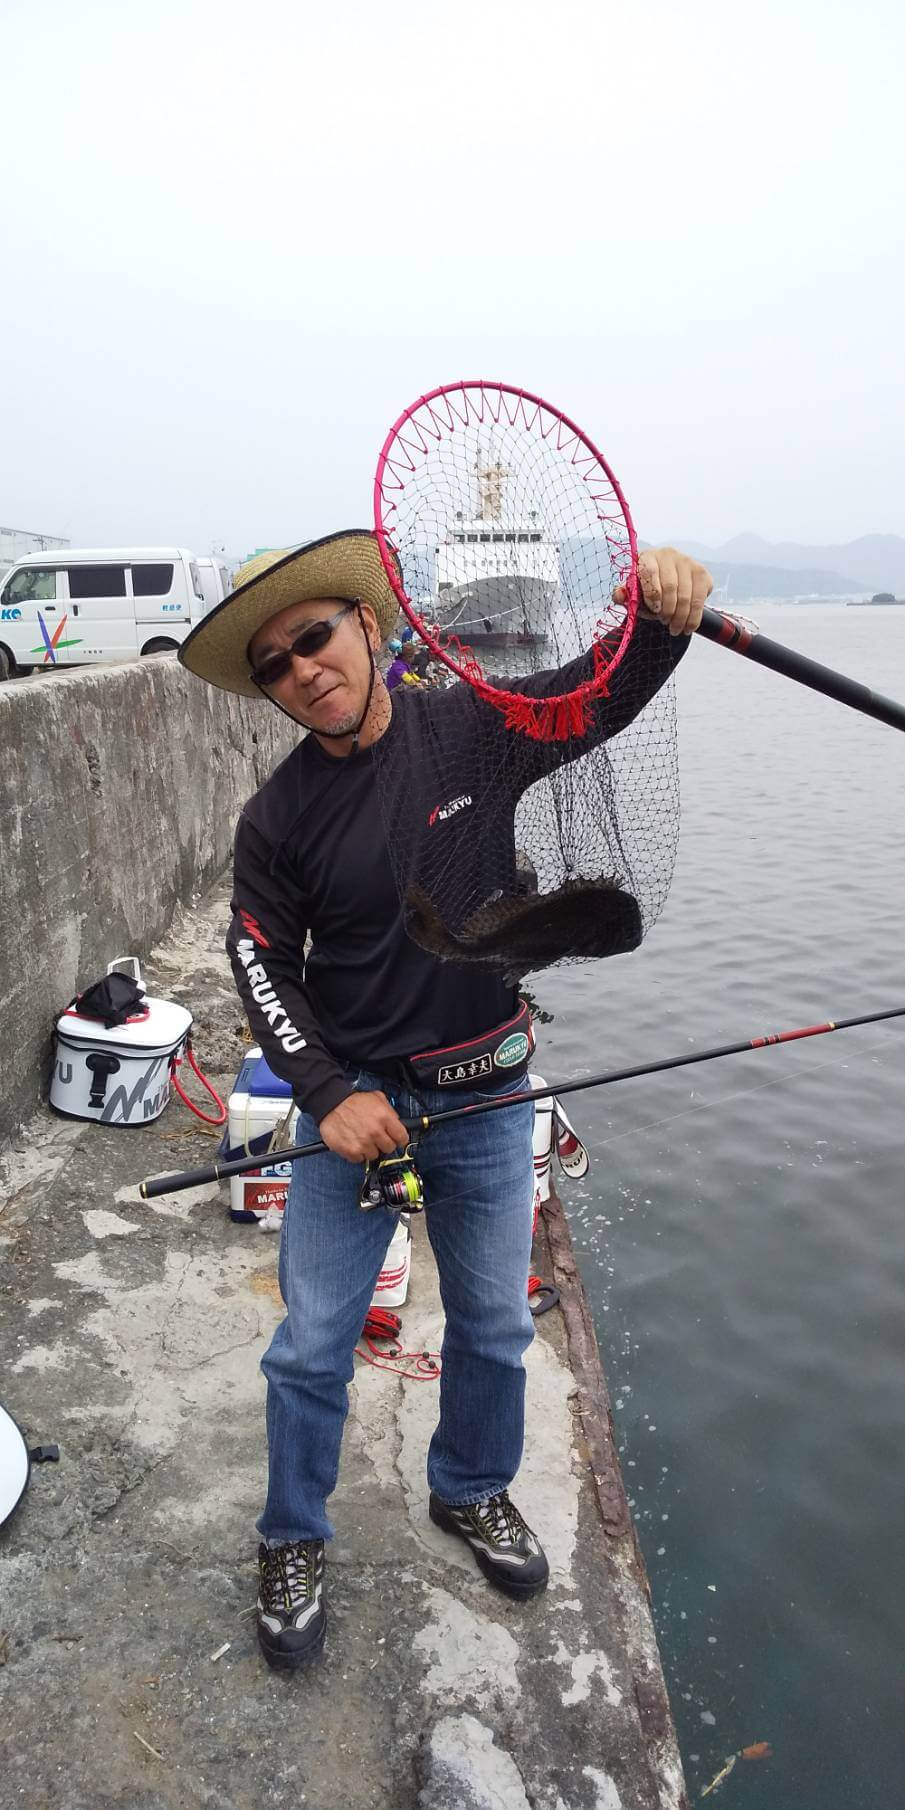 2020年06月27日(土曜日)|クロダイ・チヌ(ウキダンゴ釣り)|静岡県 – 静浦港|ウキ紀州・ダンゴ|フィールドテスター大島 幸夫